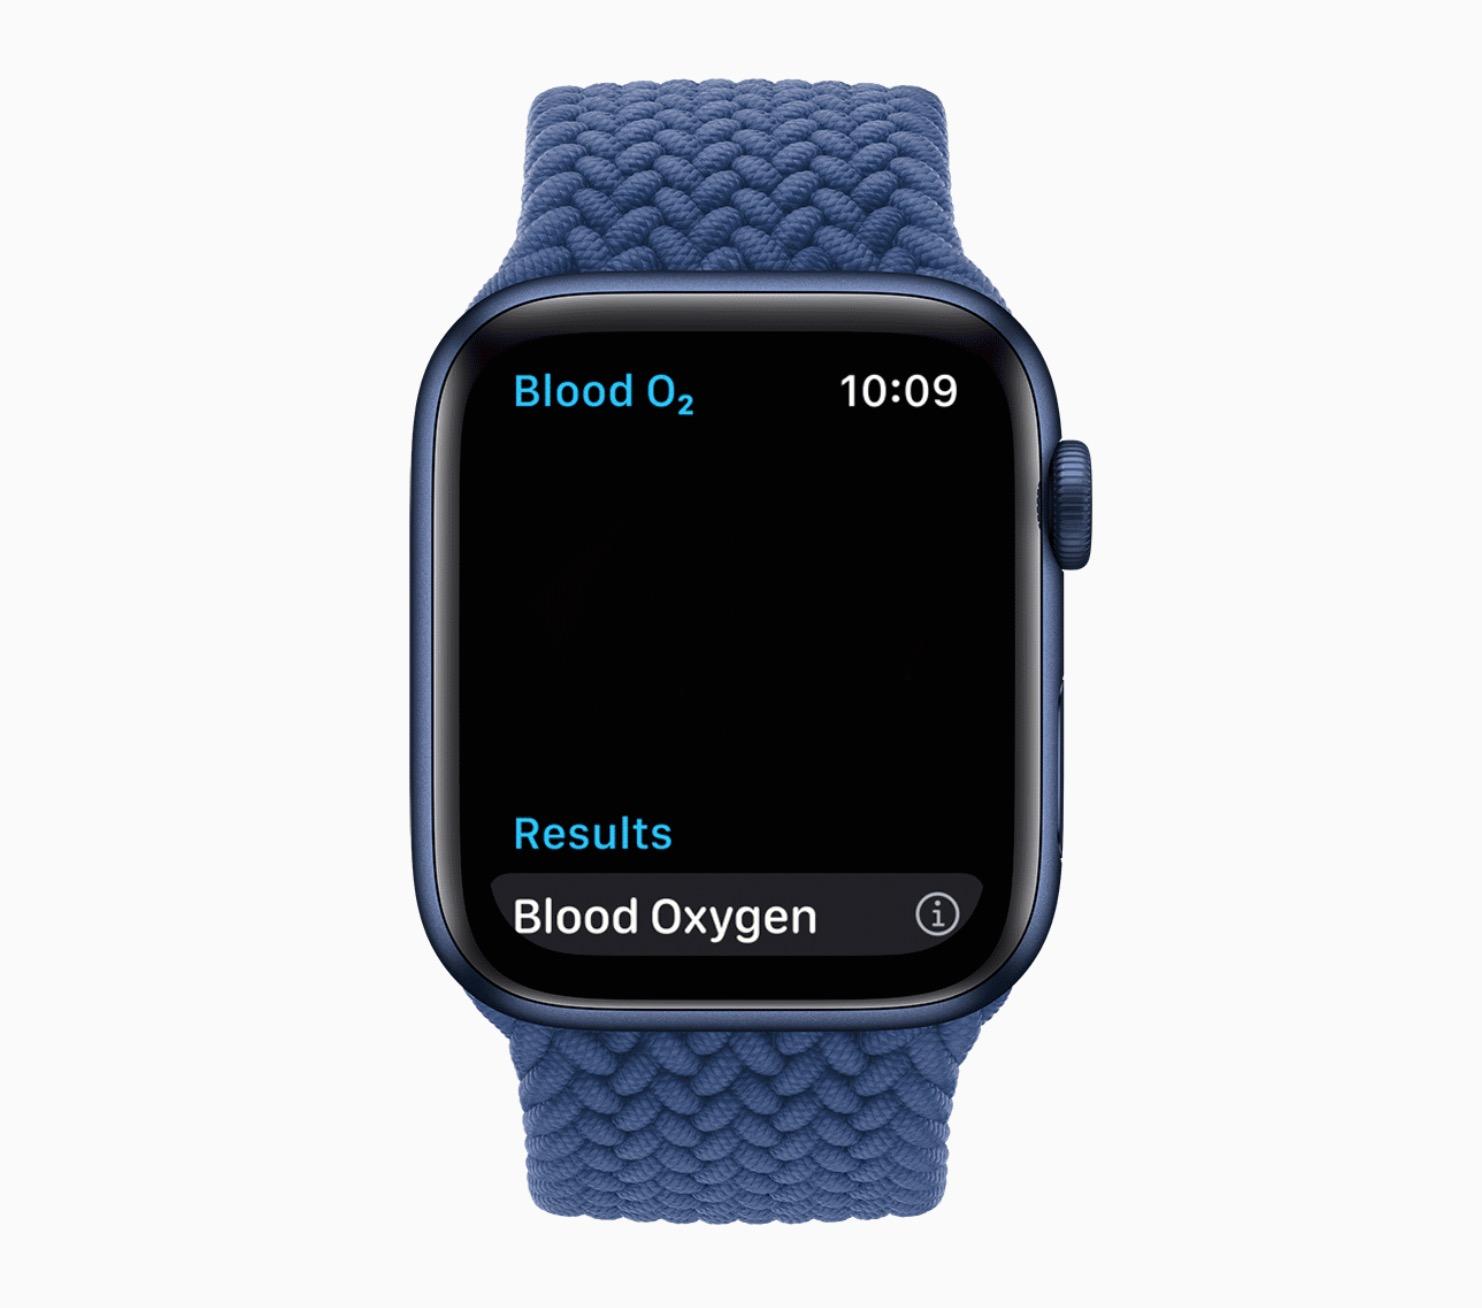 вимірювання рівню кисню в крові на Apple Wacth 6